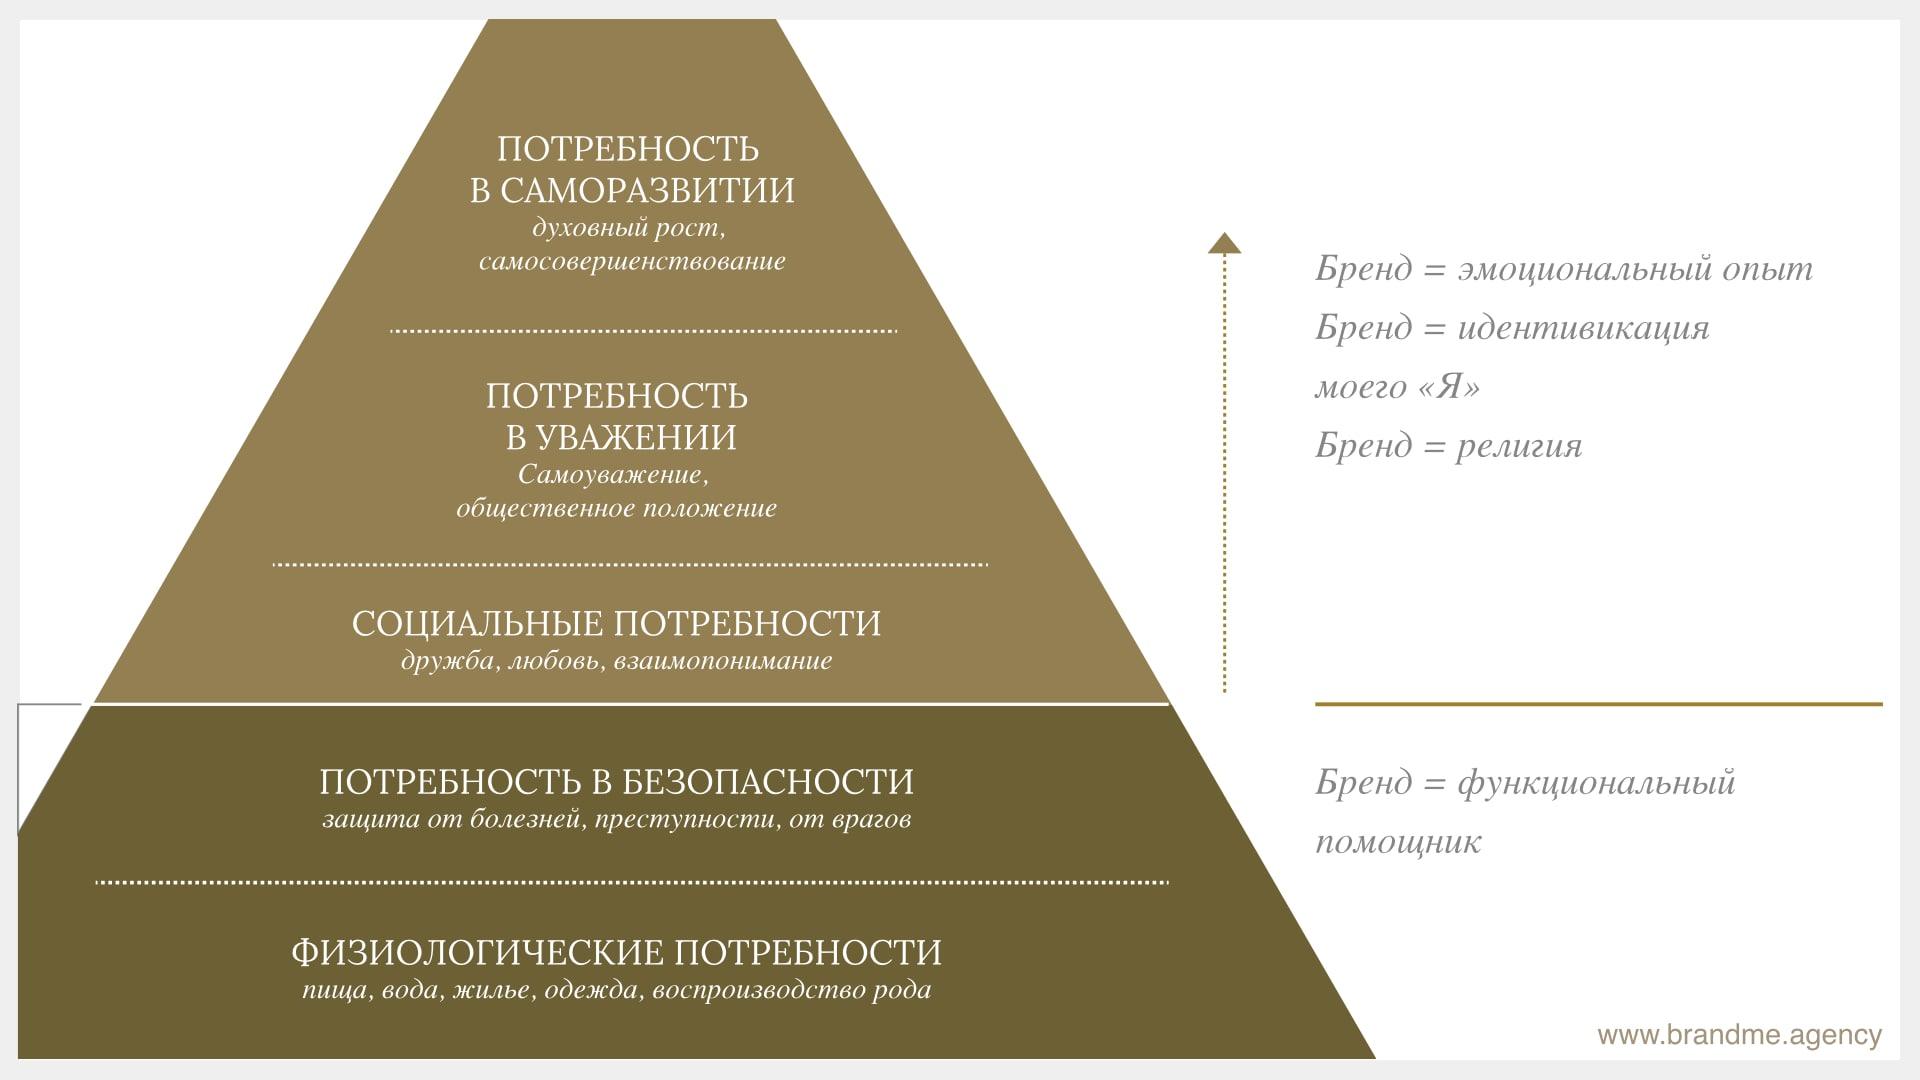 Персональный брендинг на основе архетипов. Кто вы? И как себя позиционировать?